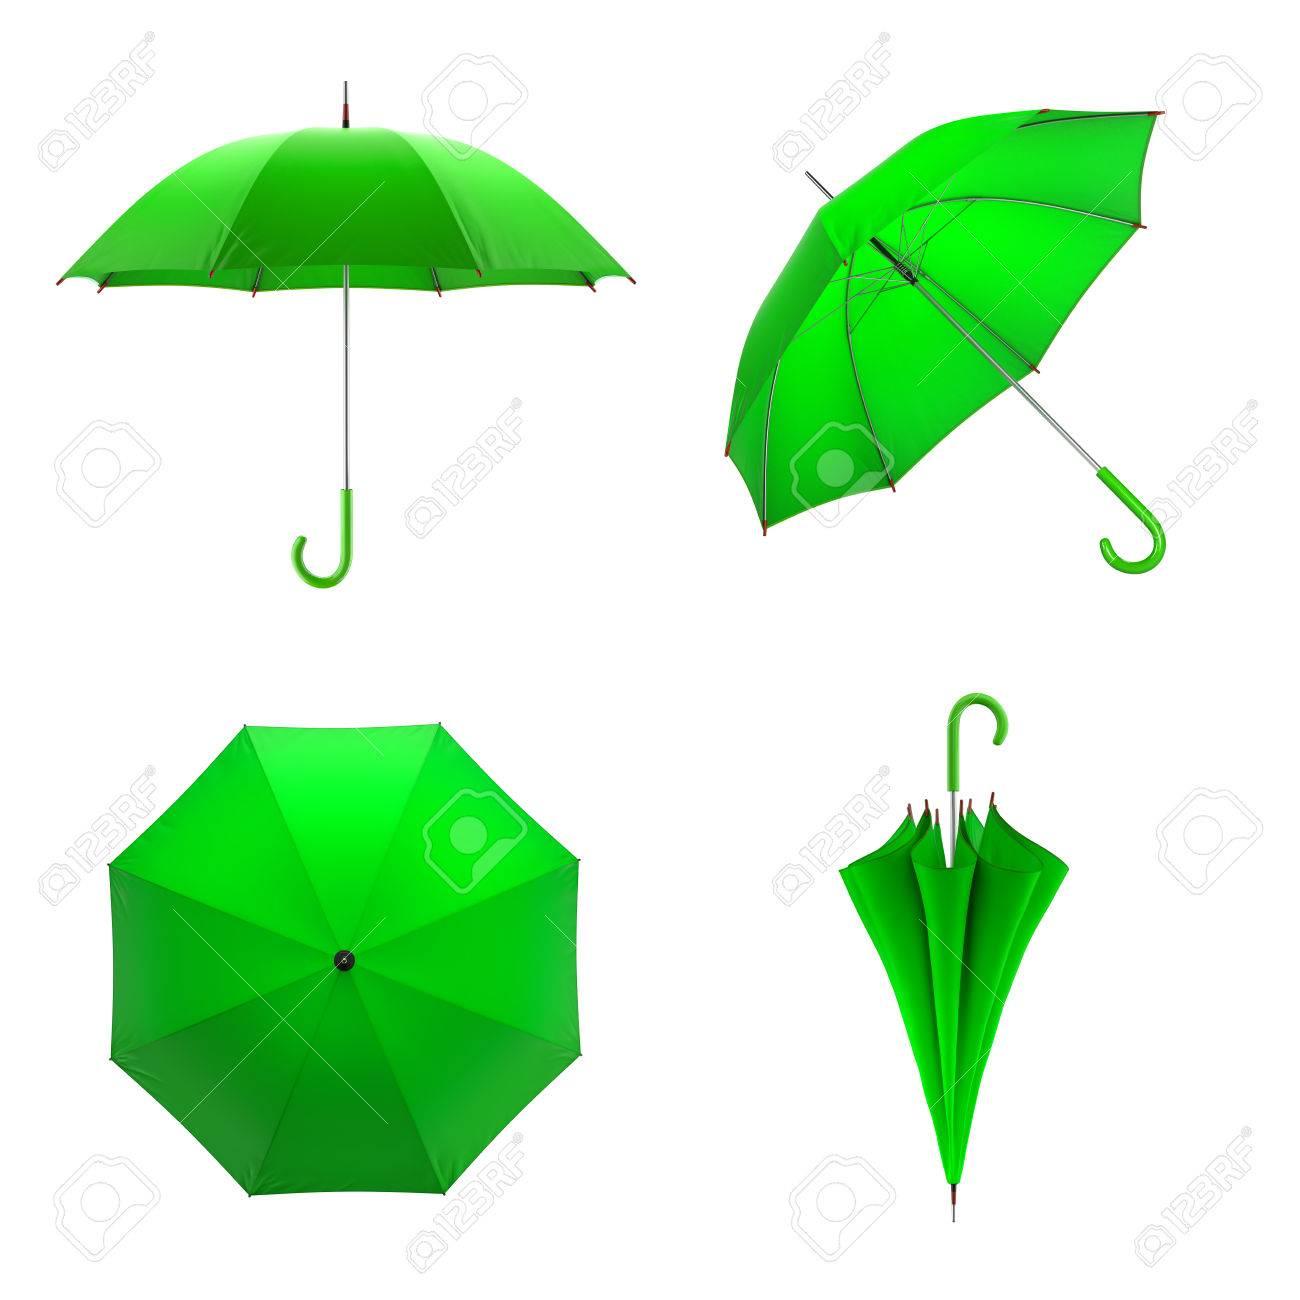 últimas tendencias de 2019 elegir despacho Descubrir Paraguas verde aislado en el fondo blanco. ilustración 3D